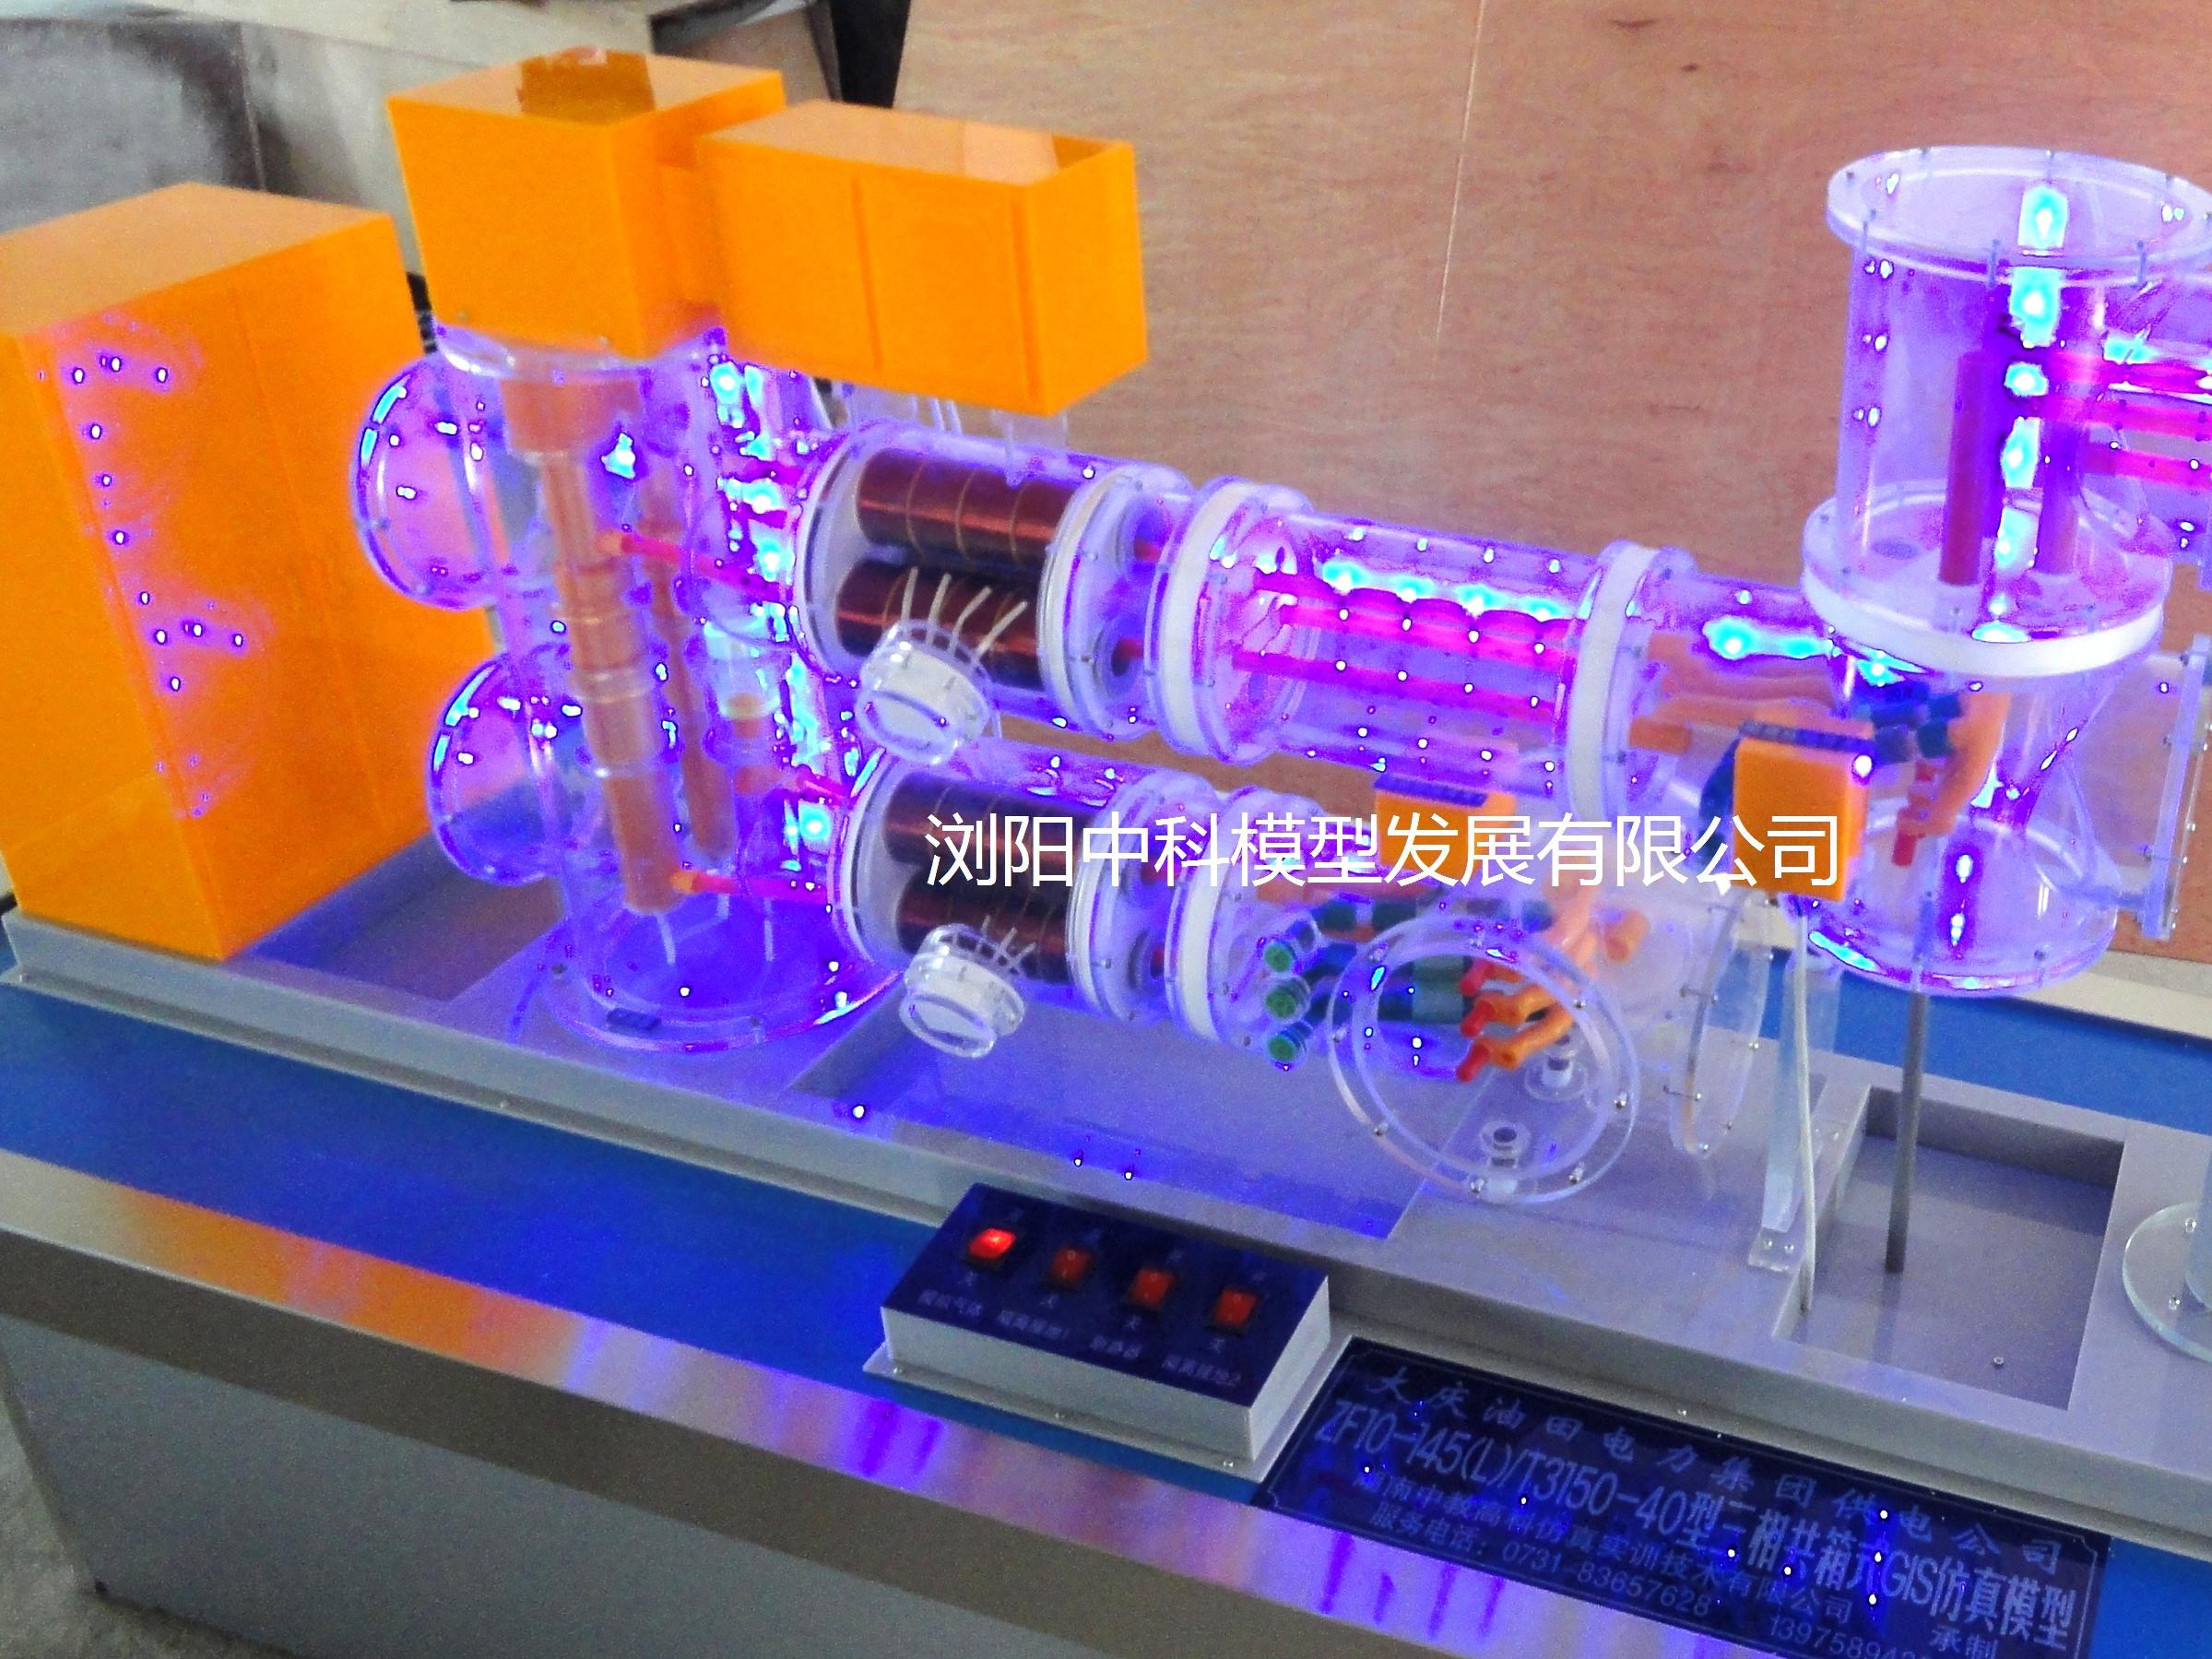 GIS组合电器模型,SF6全封闭组合电器模型